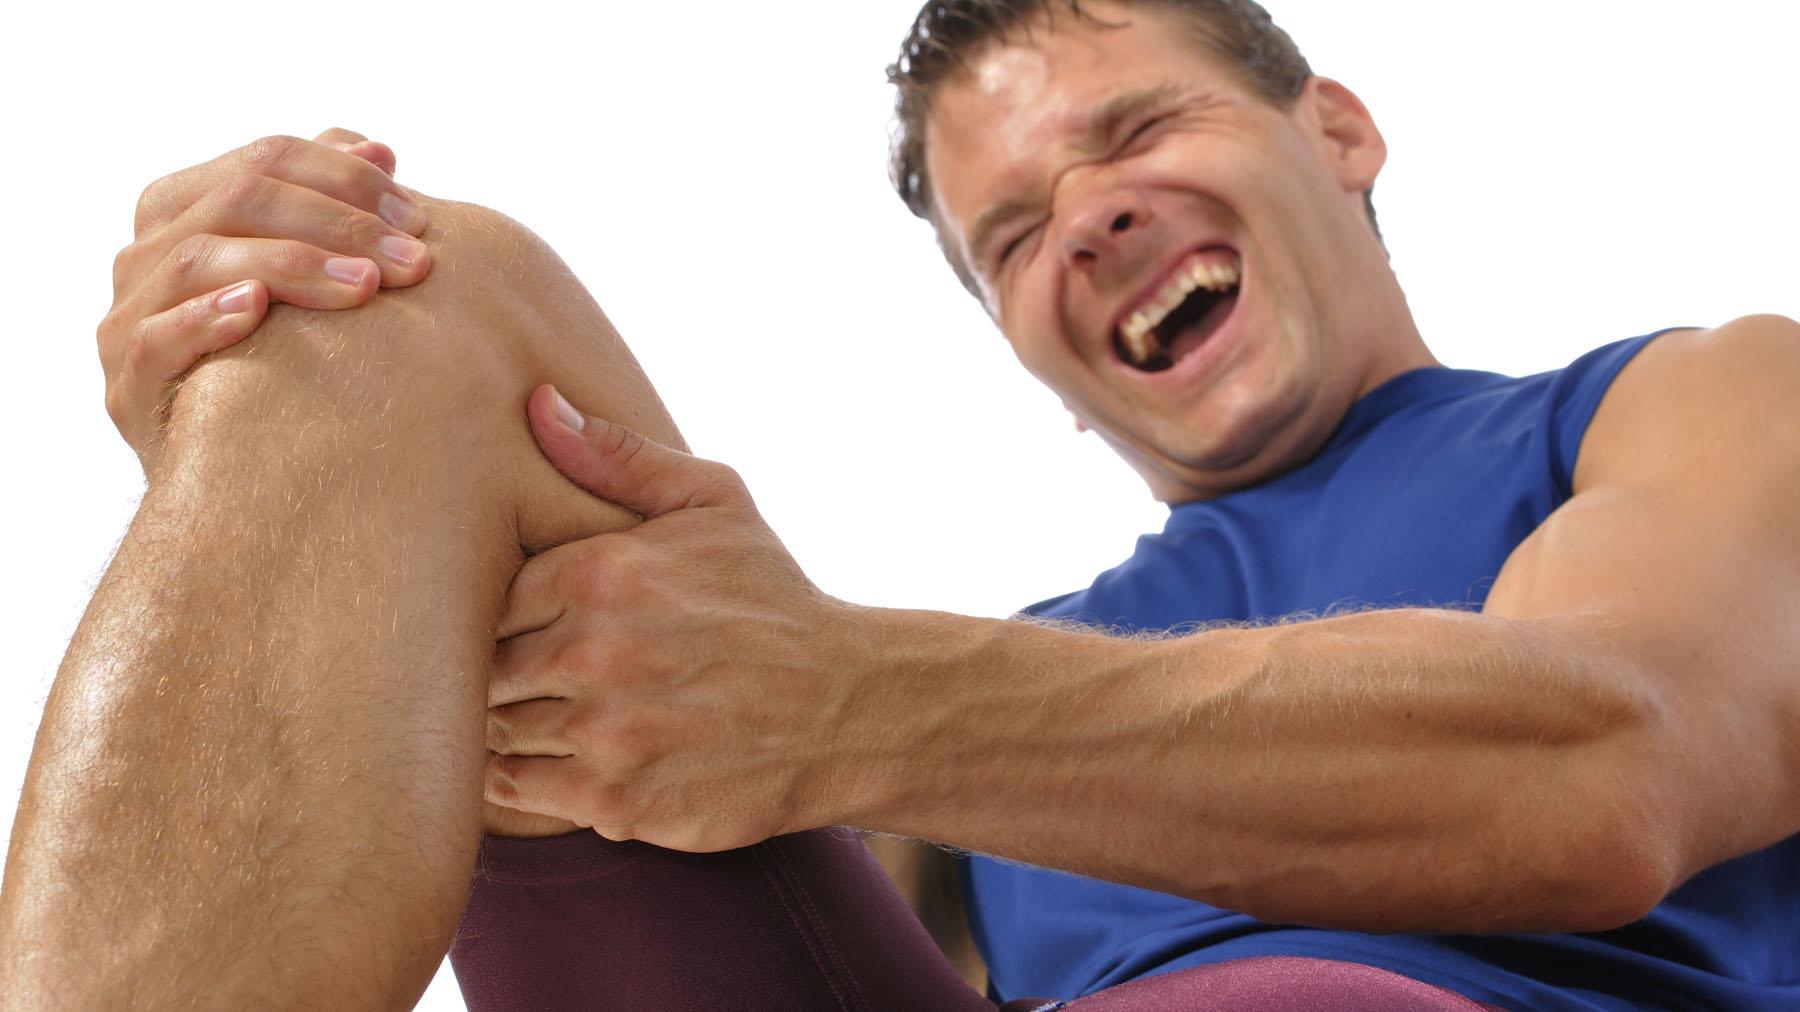 Schmerzen im Knie - was tun? - Laufen.de